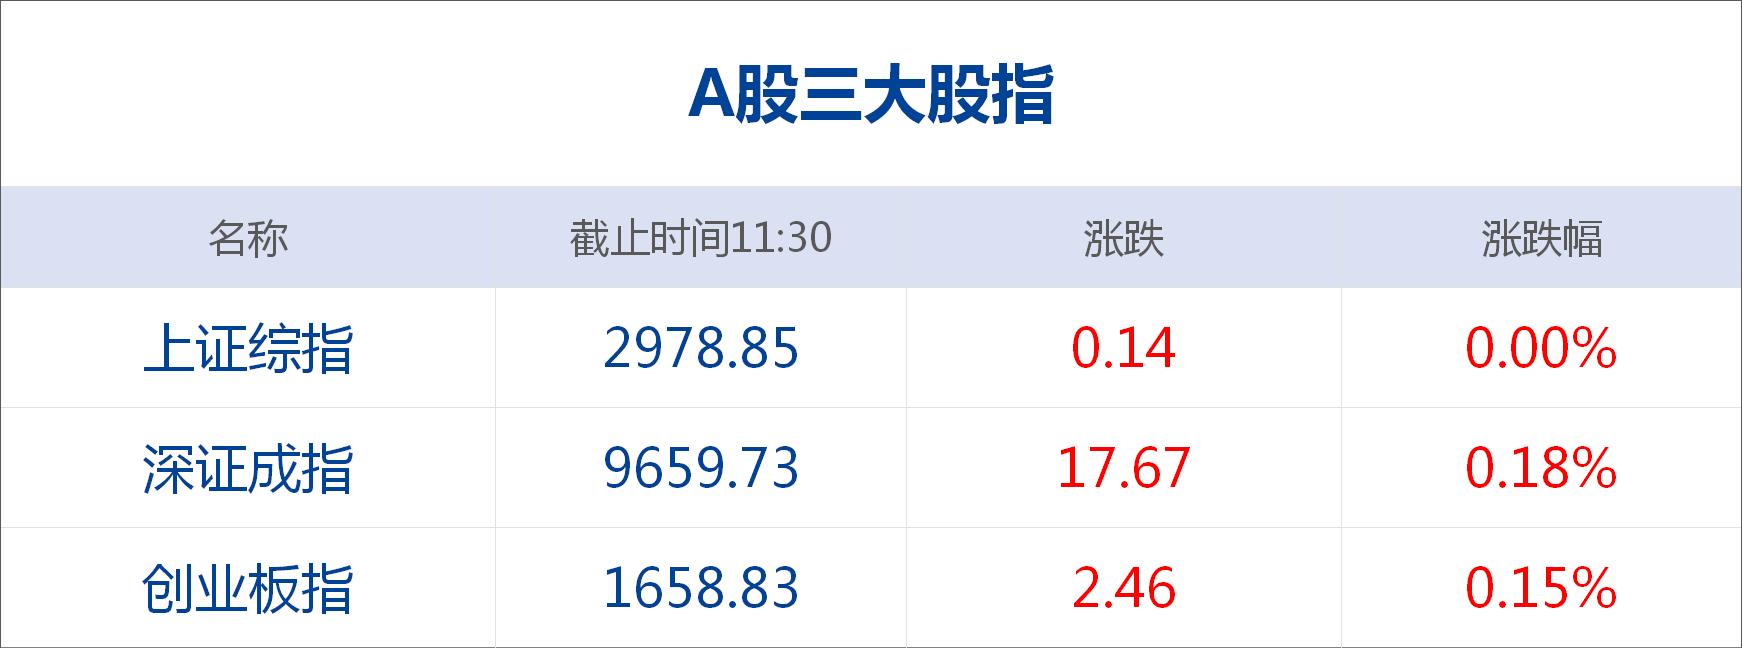 """每经12点丨报告:三四线城市找房热度下降,10余房企打折促销;上海在核心城区提倡""""4小时夜生活主体时间制"""";超长""""厄尔尼诺""""或致今冬北方雾霾时间长范围广"""